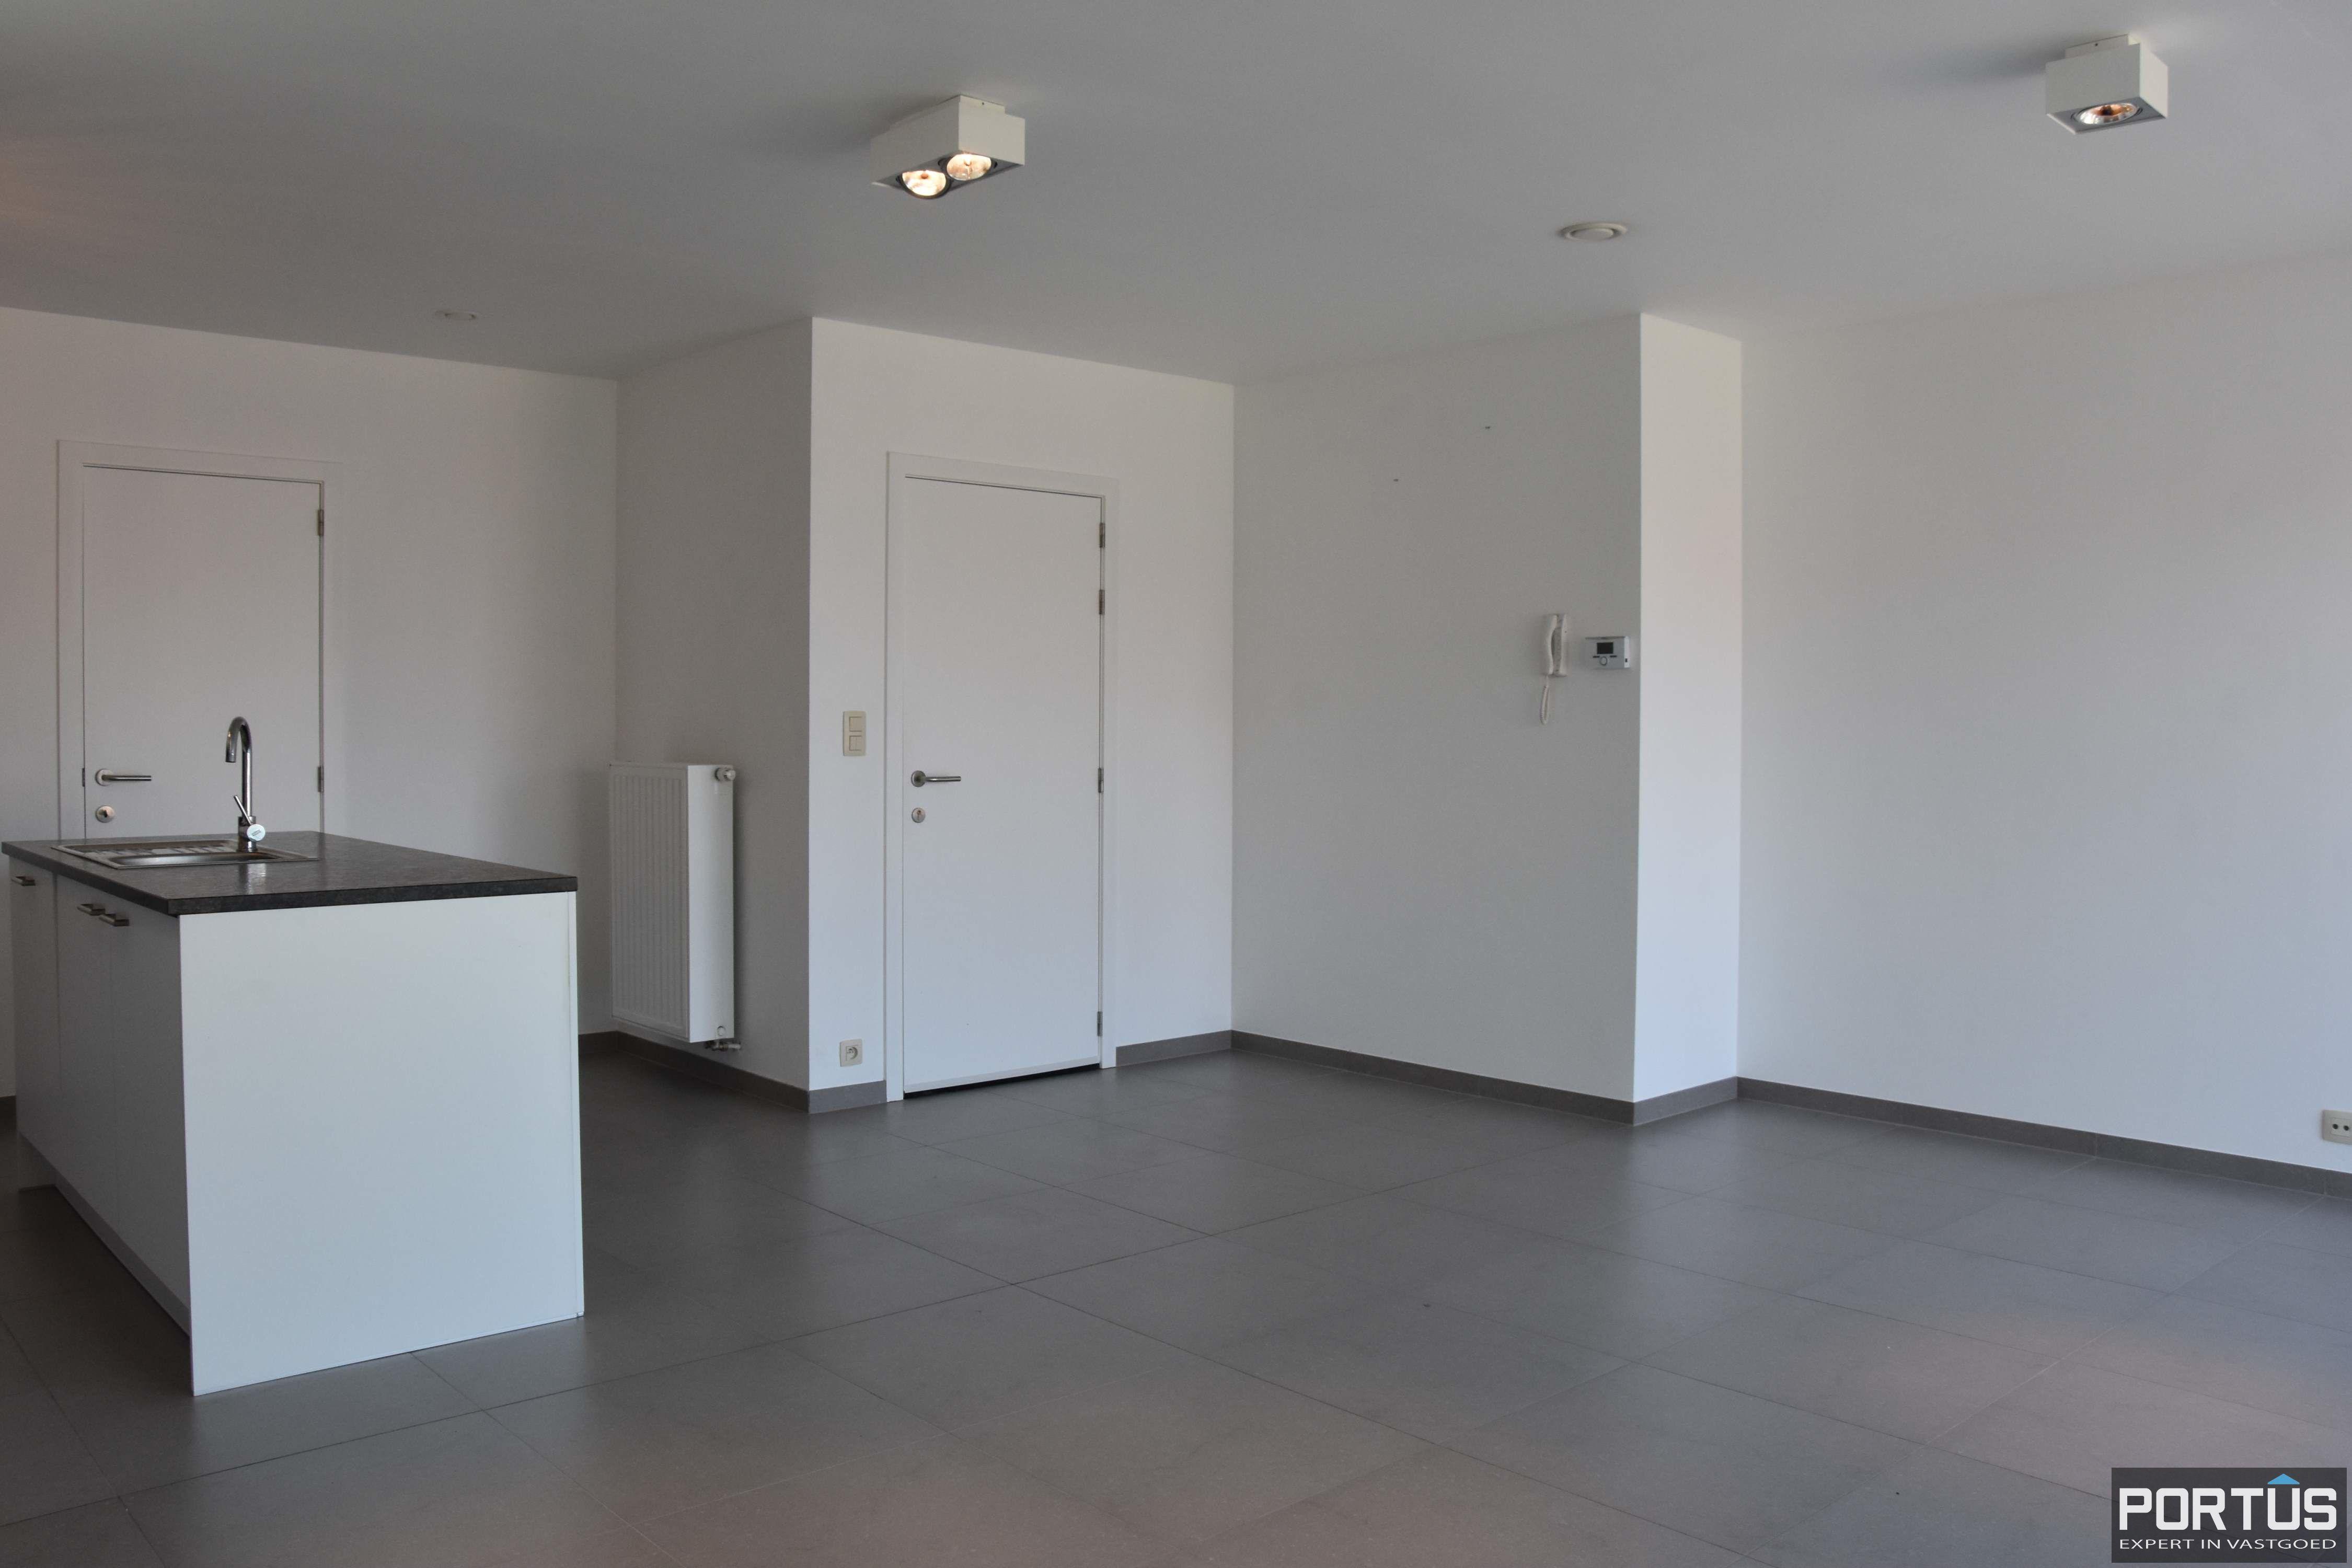 Recent appartement te huur met 3 slaapkamers, kelderberging en parking - 11113